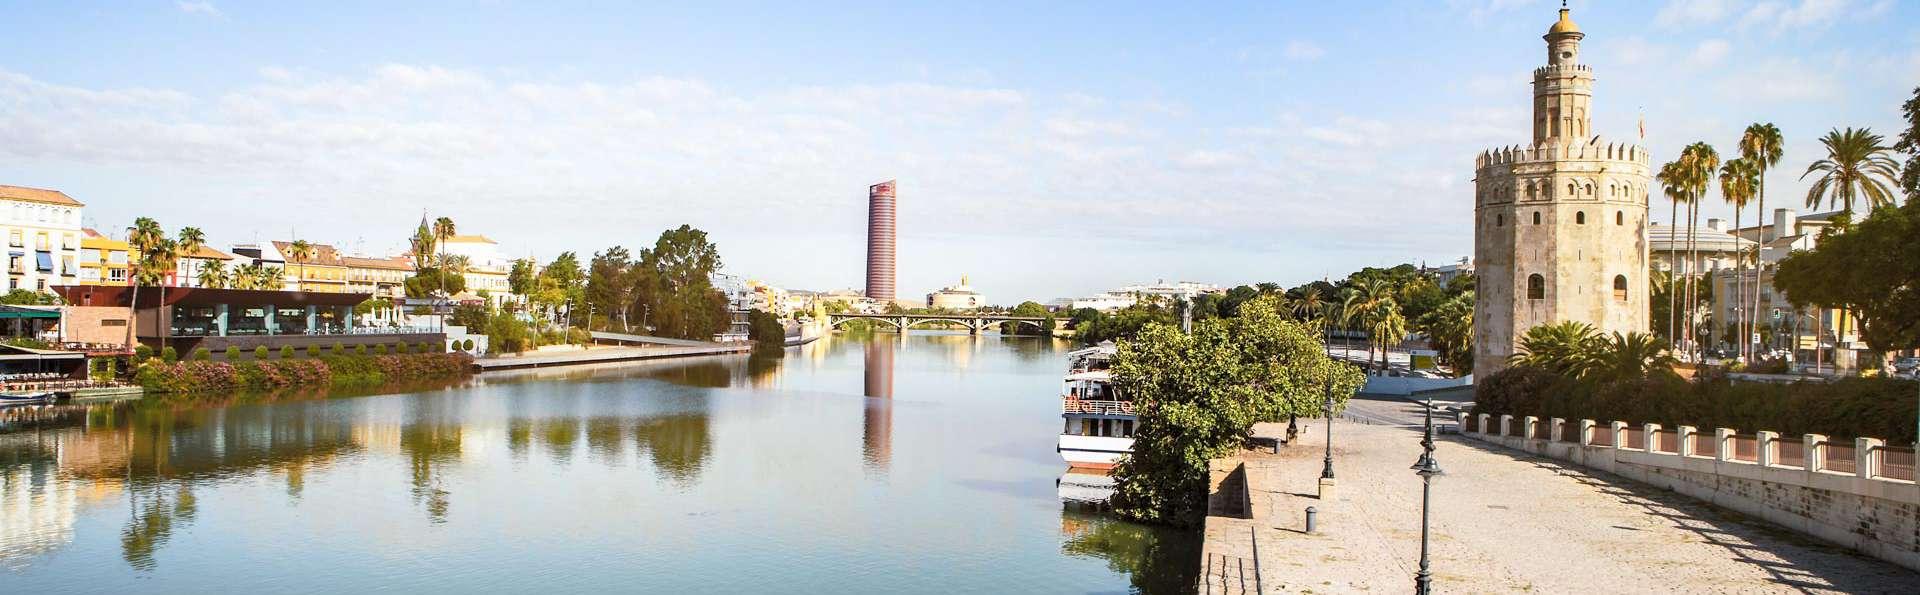 Eurostars Torre Sevilla - EDIT_DESTINATION_02.jpg